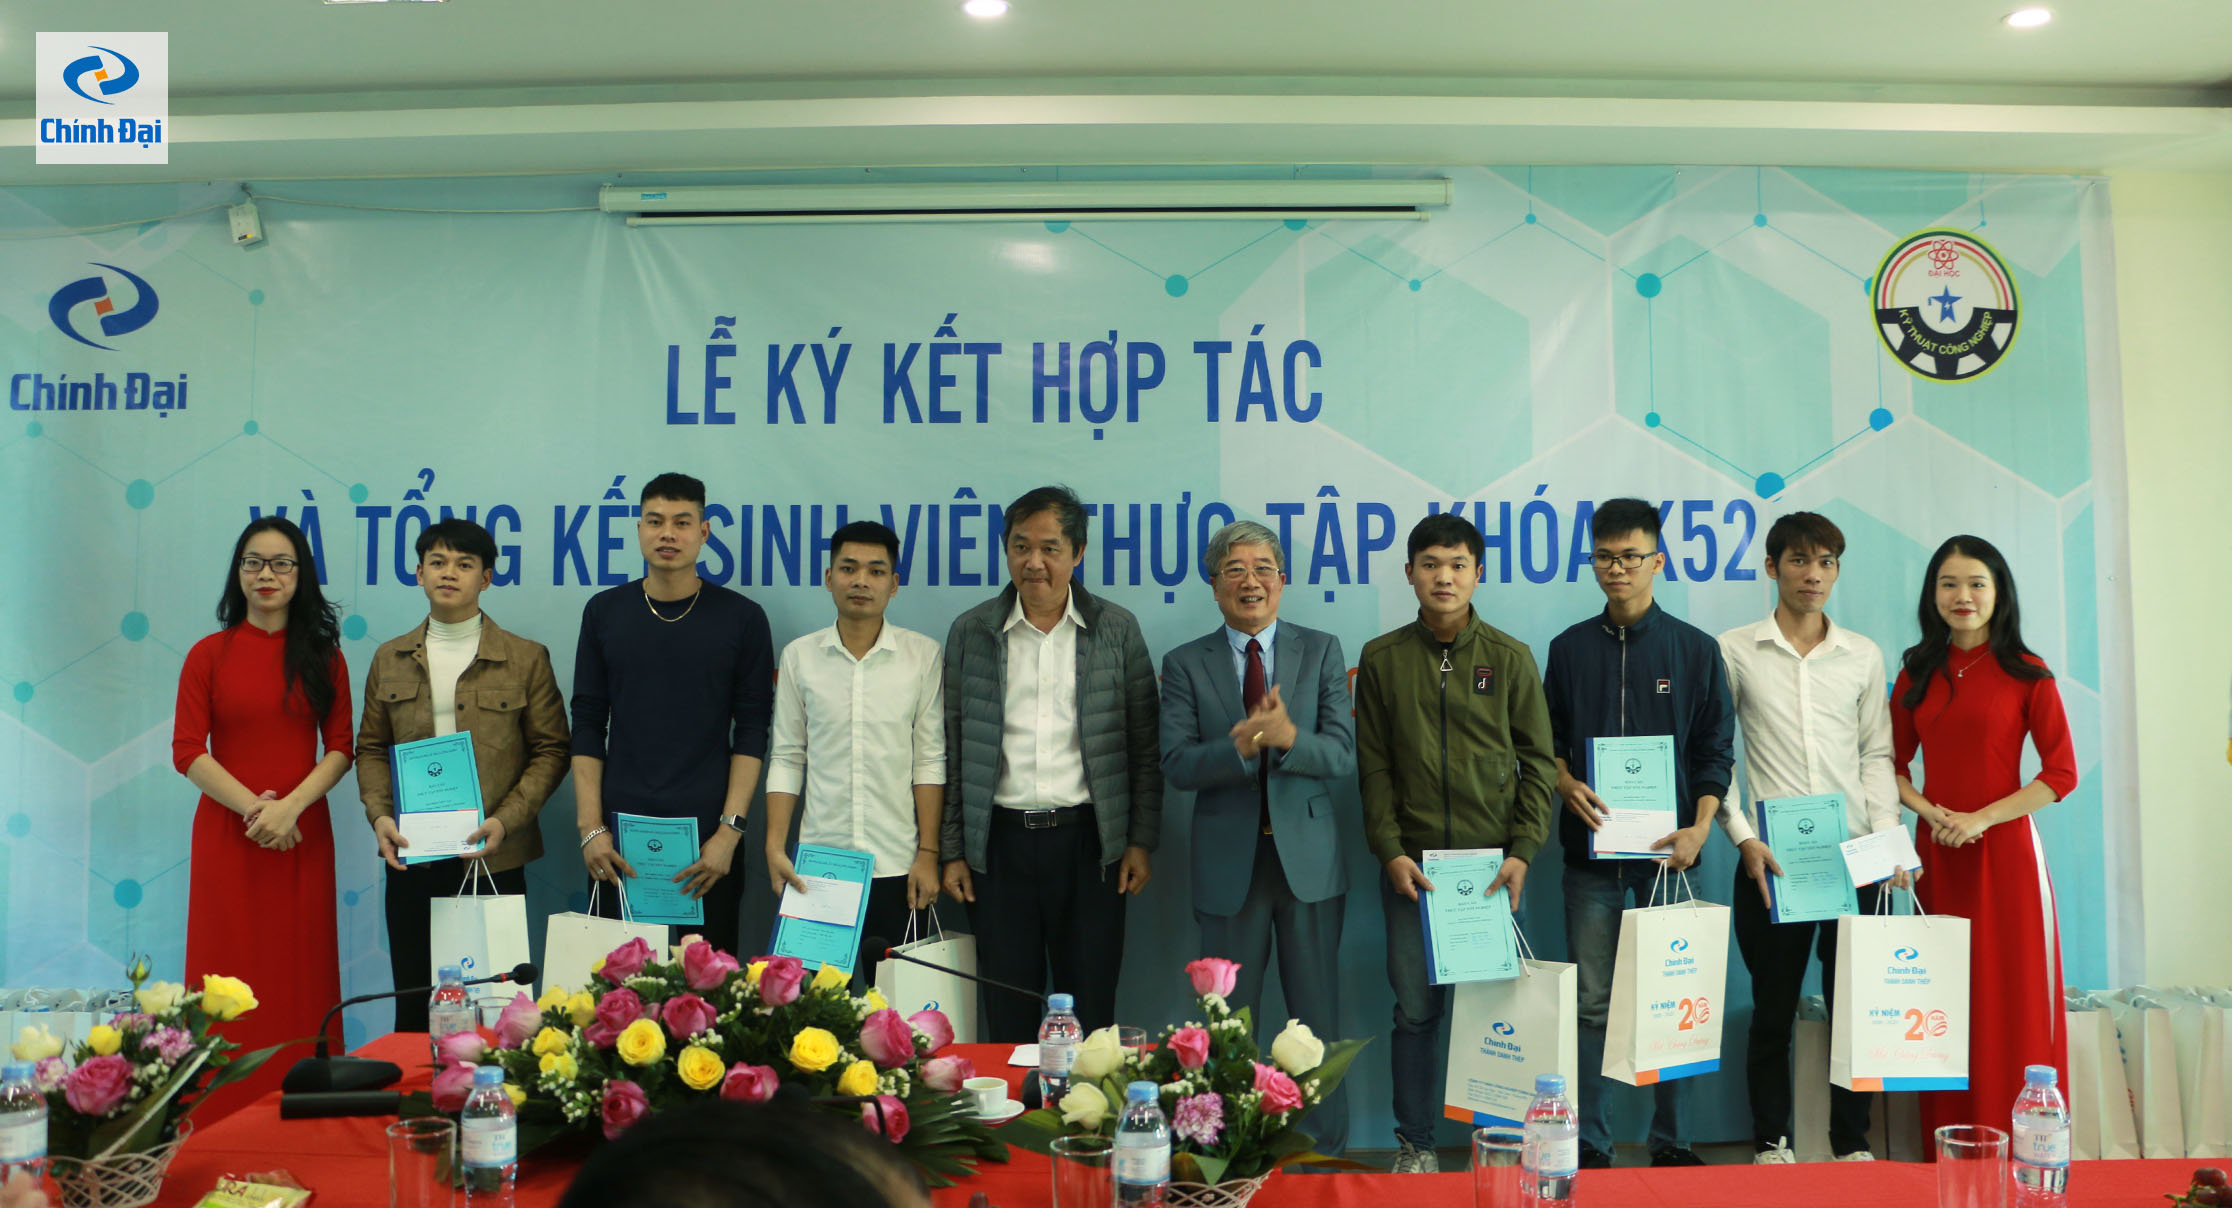 Đại diện Công ty TNHH Công nghiệp Chính Đại trao phần thưởng khích lệ cho các bạn sinh viên có thành tích thực tập xuất sắc